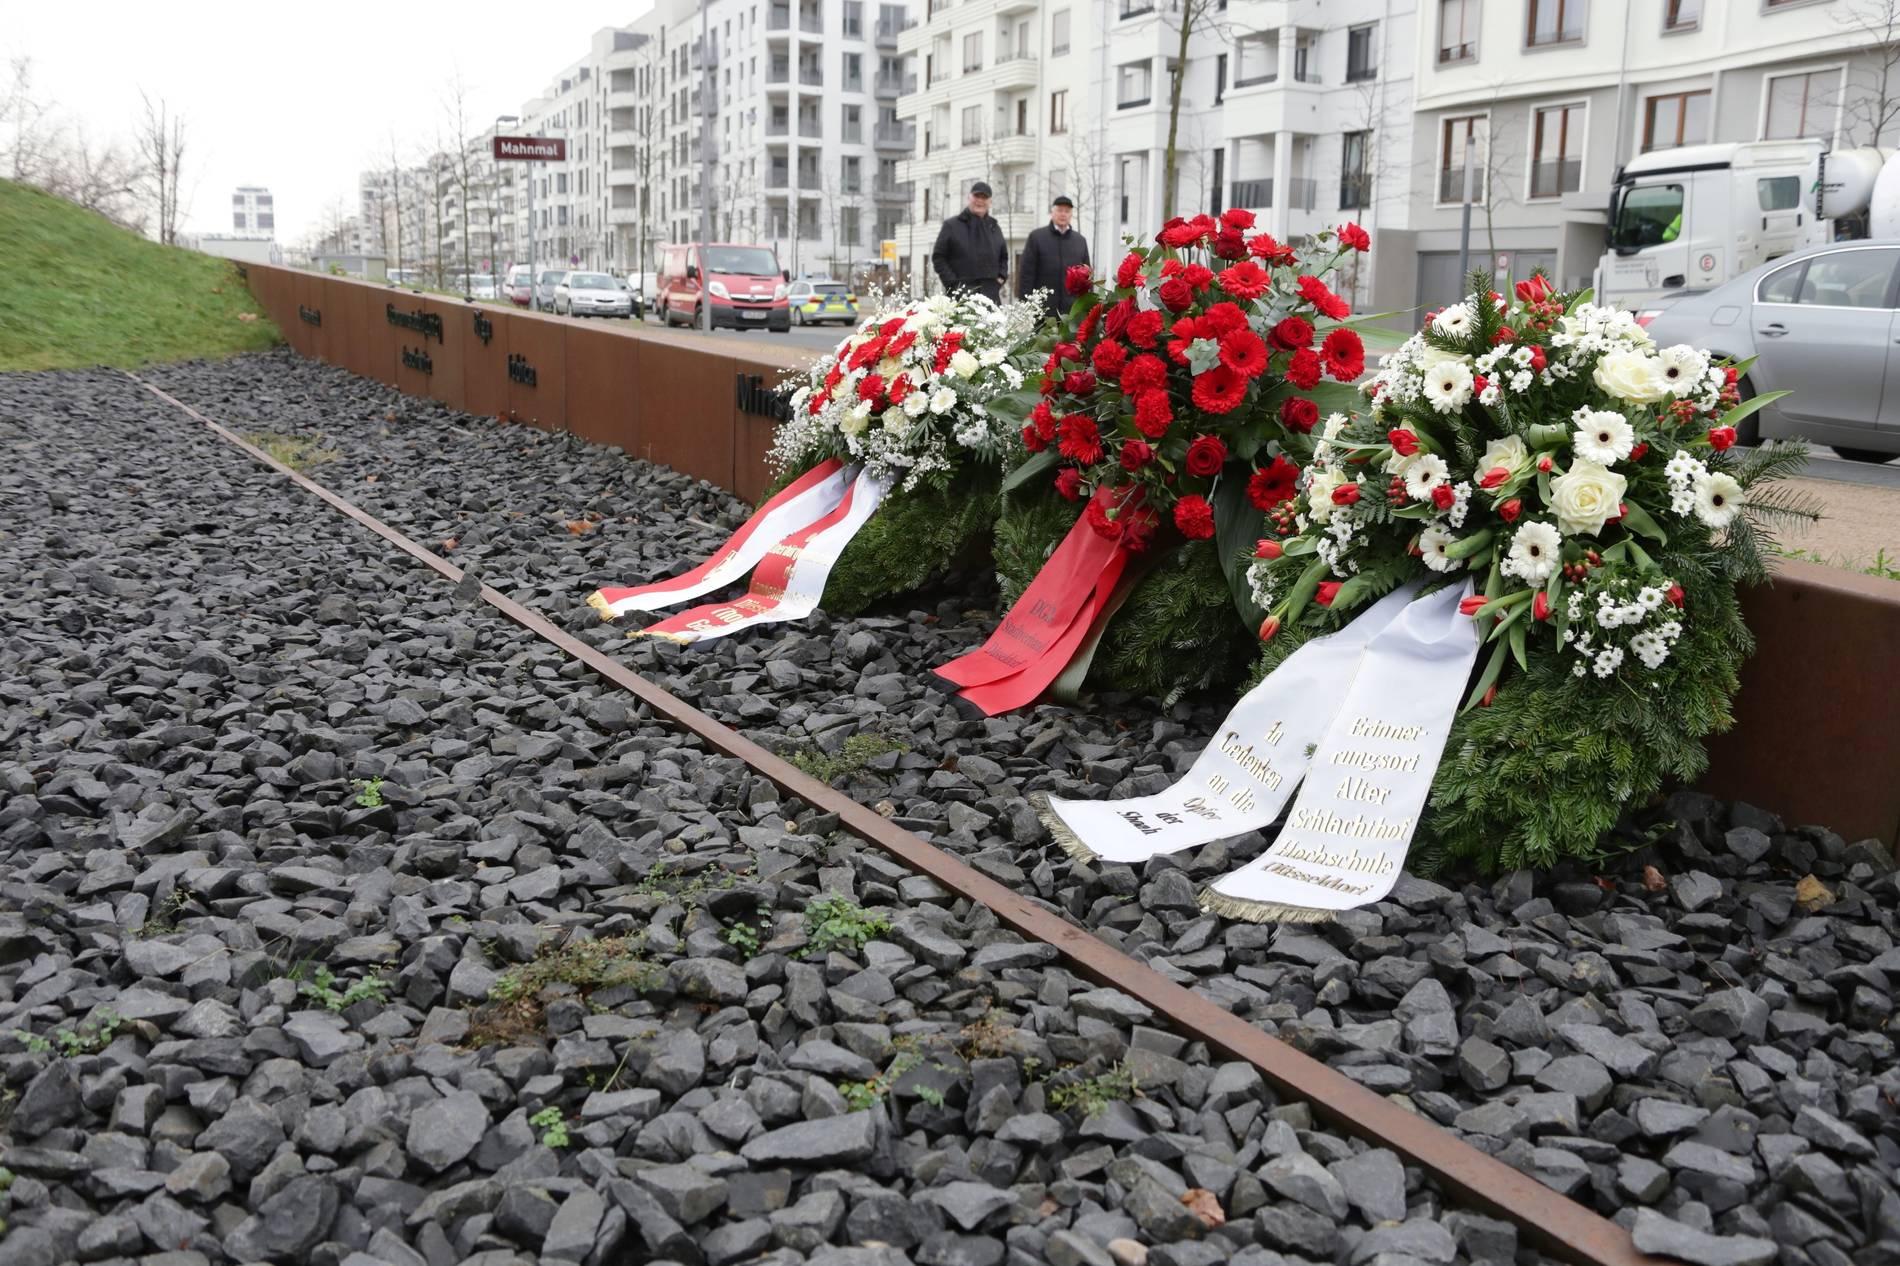 Holocaust Gedenktag 27januar 2018 In Düsseldorf Bastian Fleermann